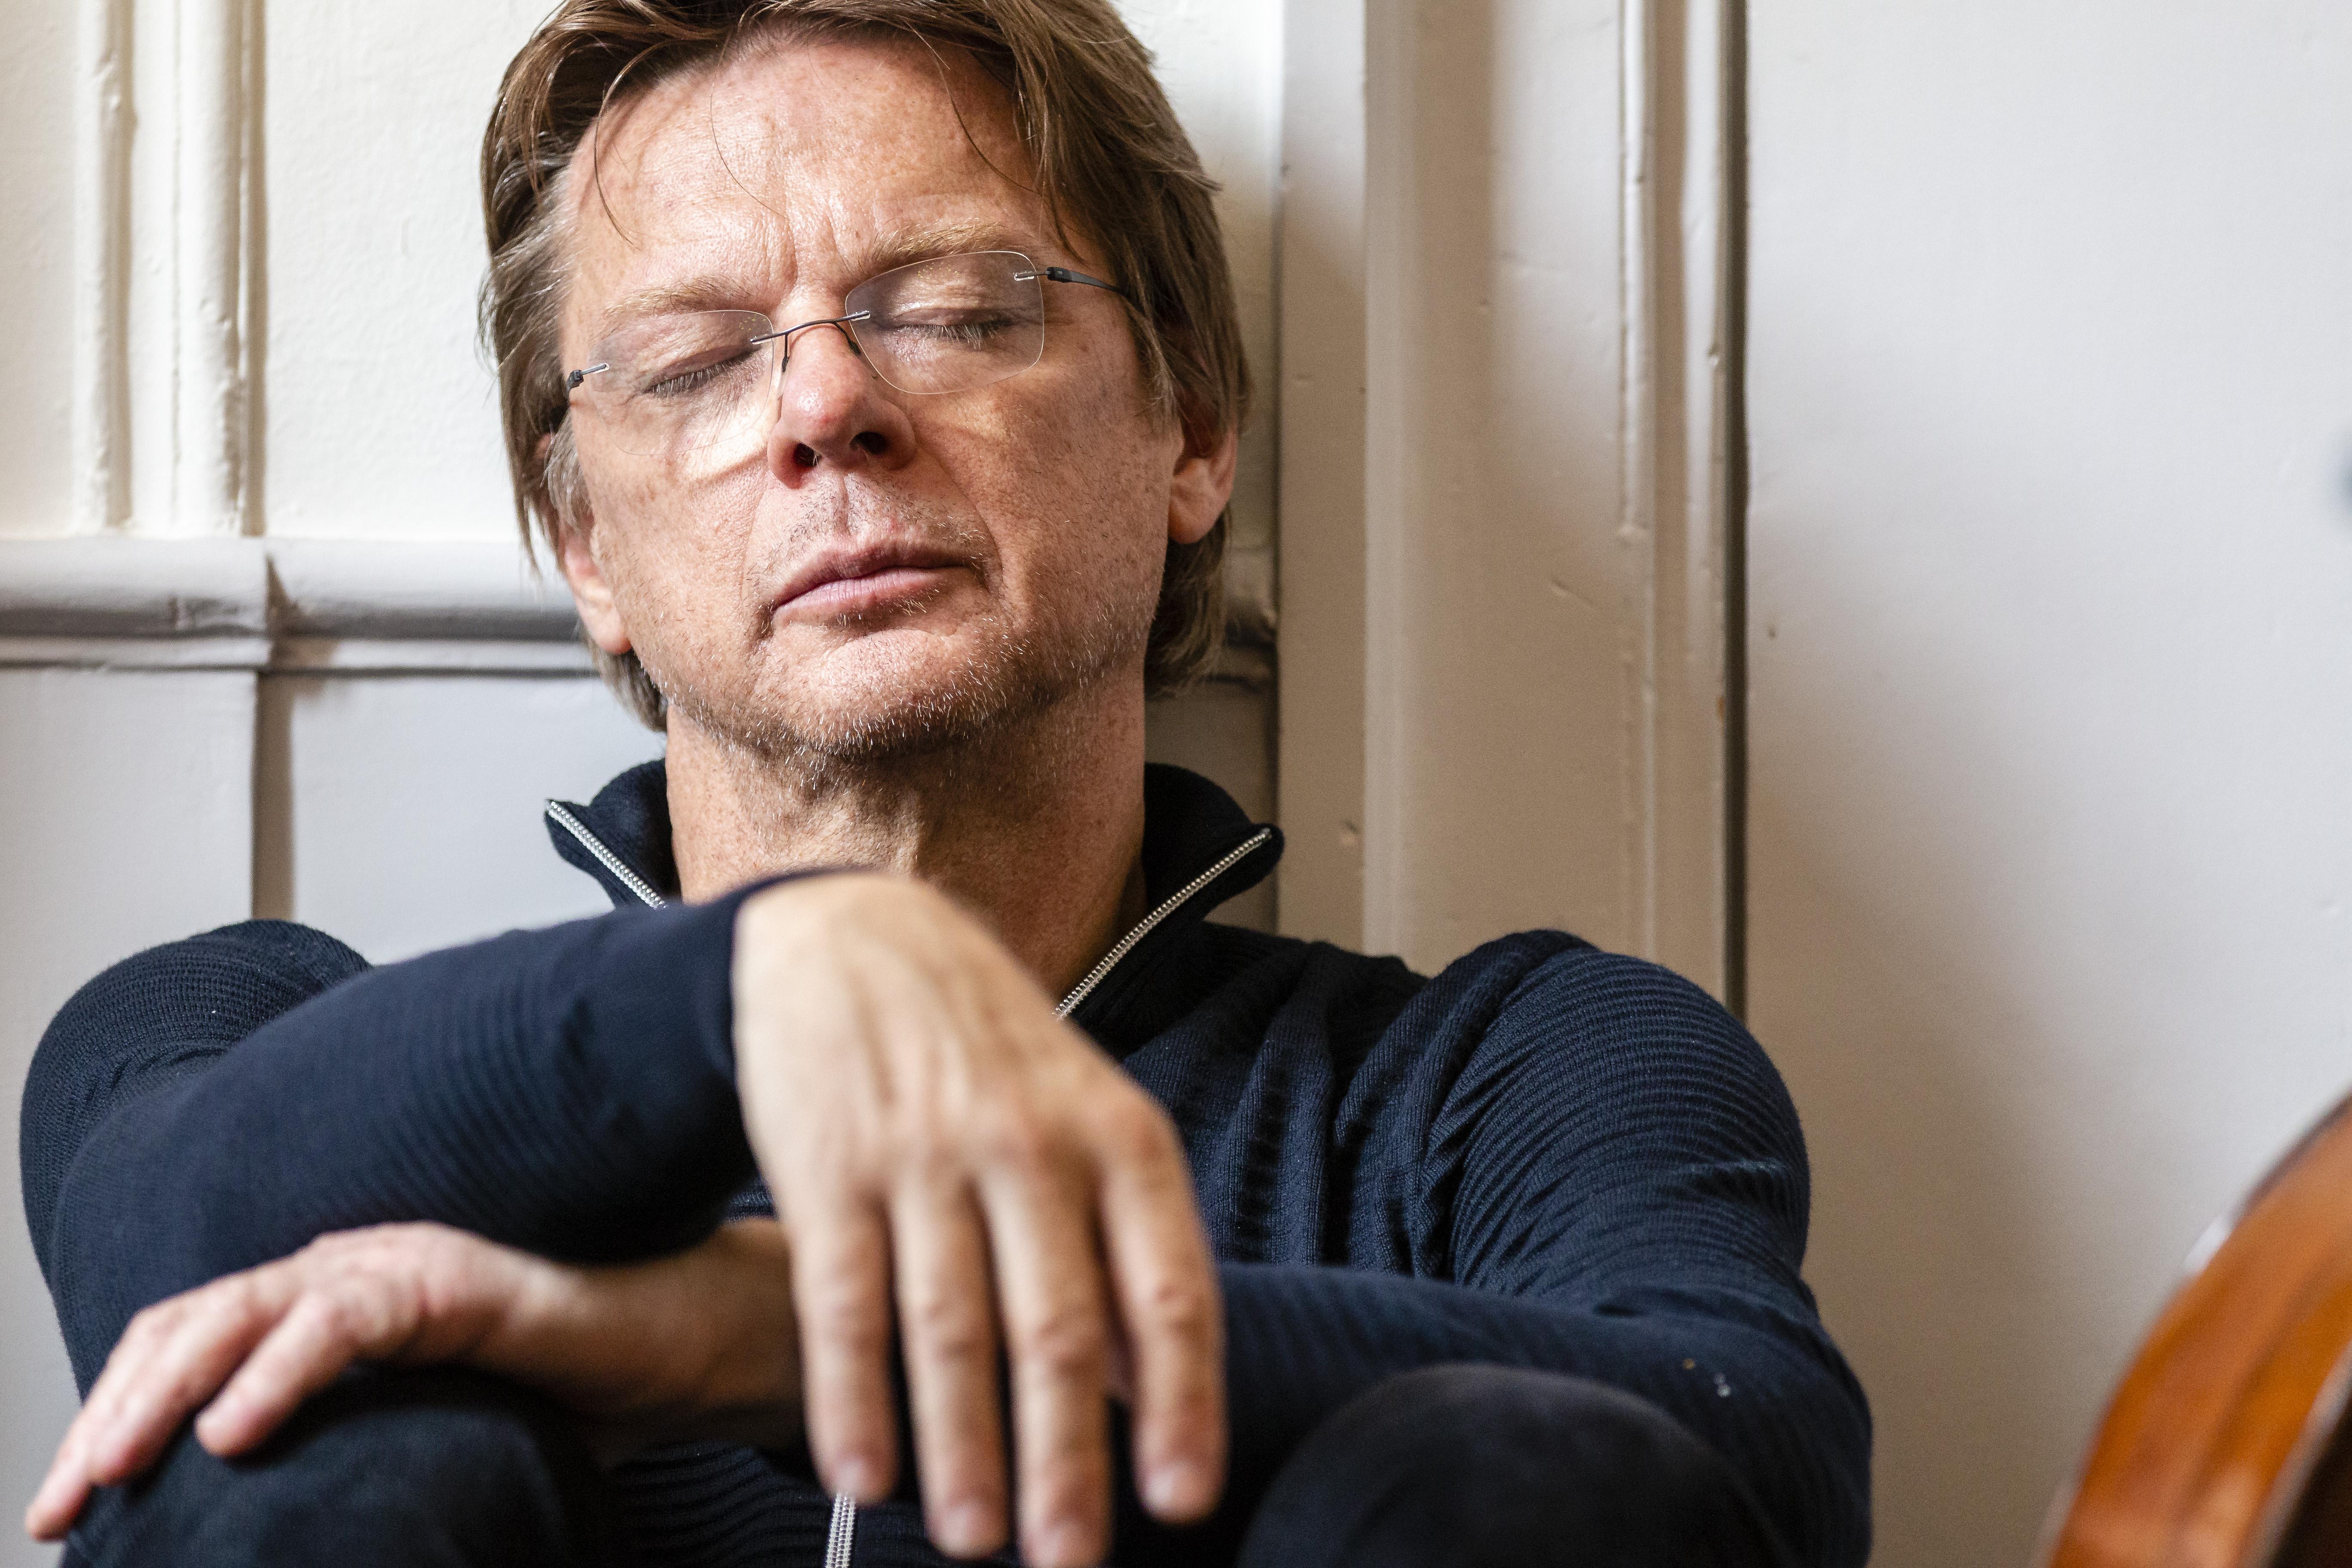 Festival Groeneveld 2018-69 kopie